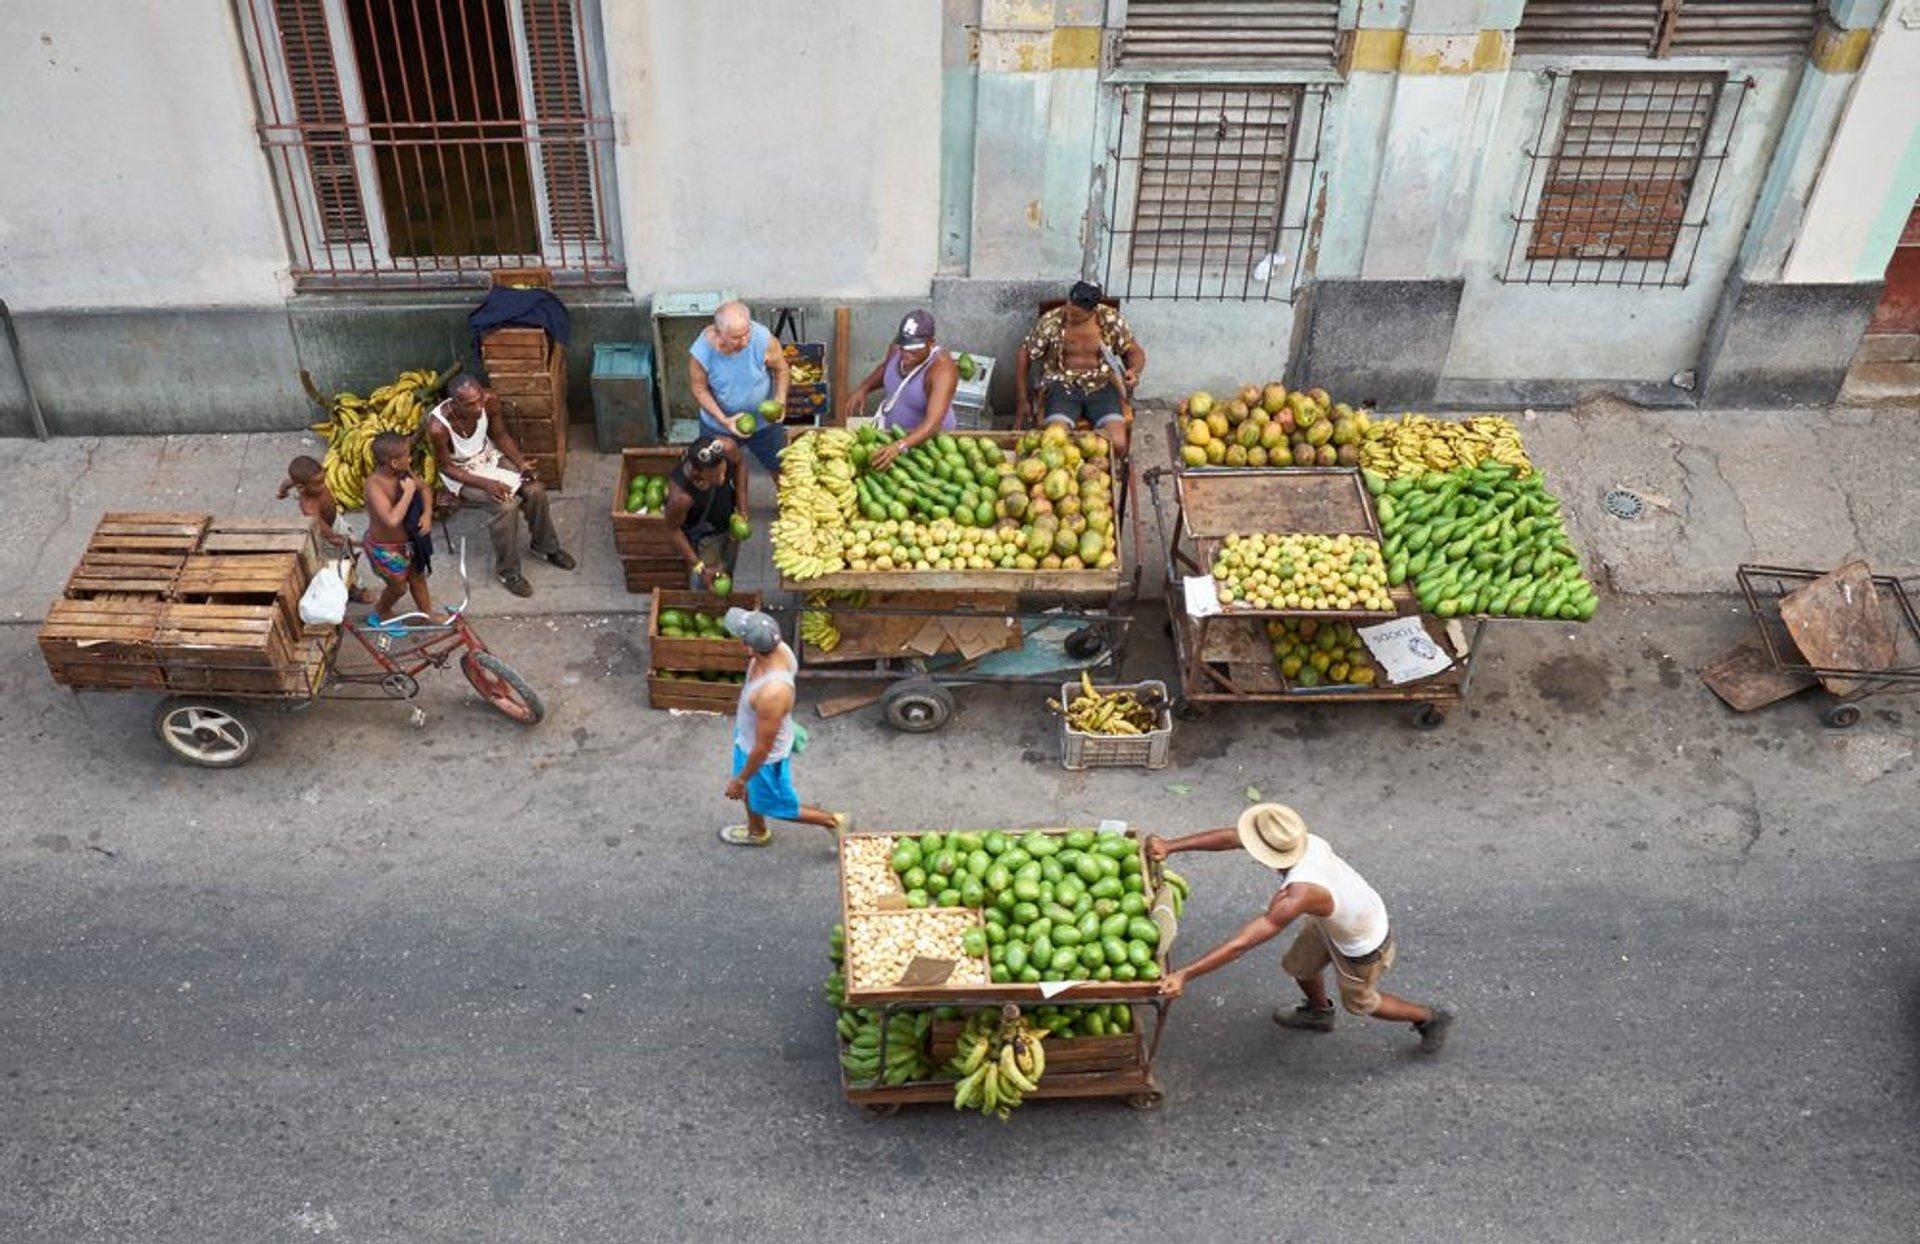 Avocado stalls in Havana 2020